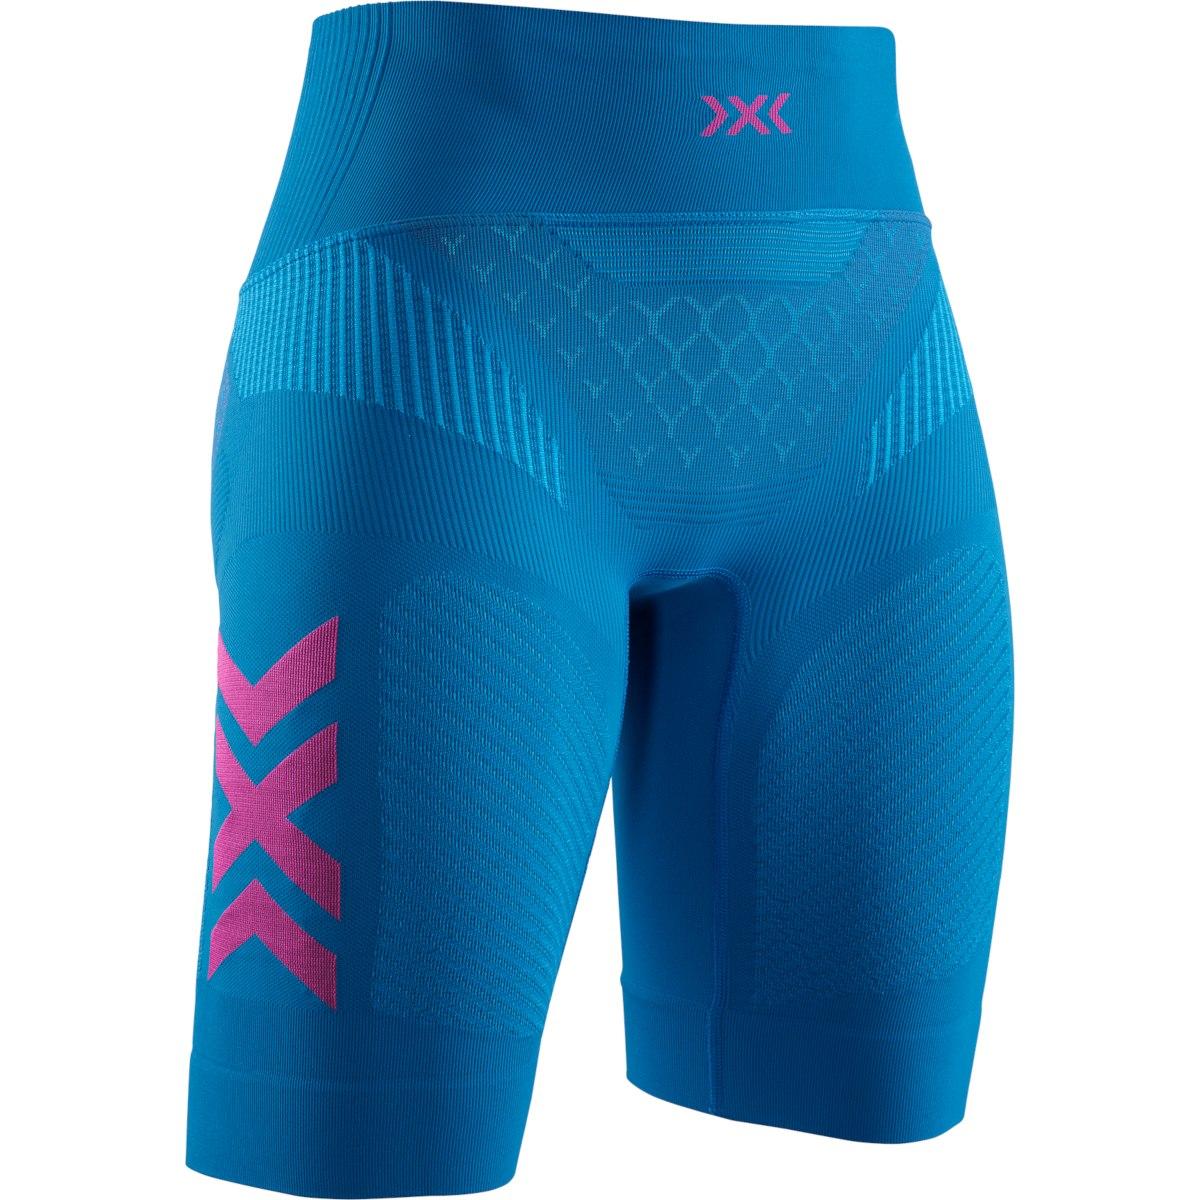 Image of X-Bionic TWYCE 4.0 Run Shorts for Women - teal blue/neon flamingo